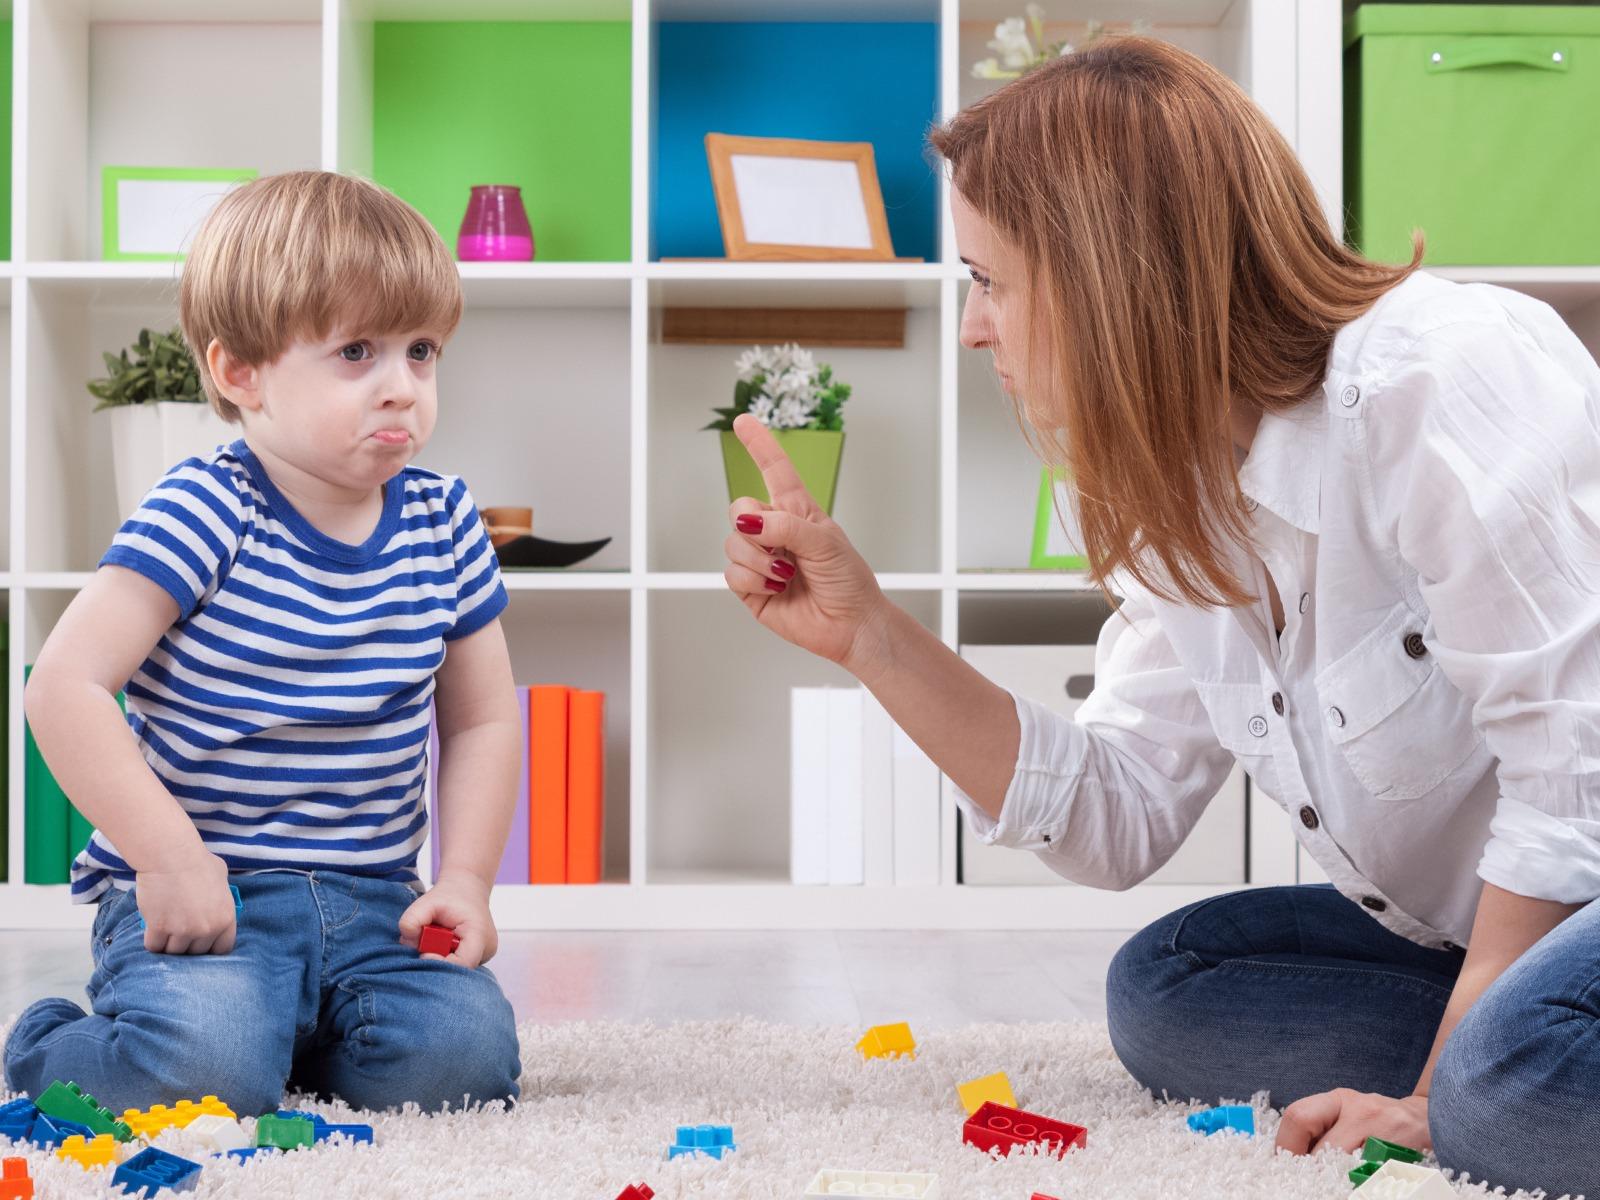 mom disciplining her son